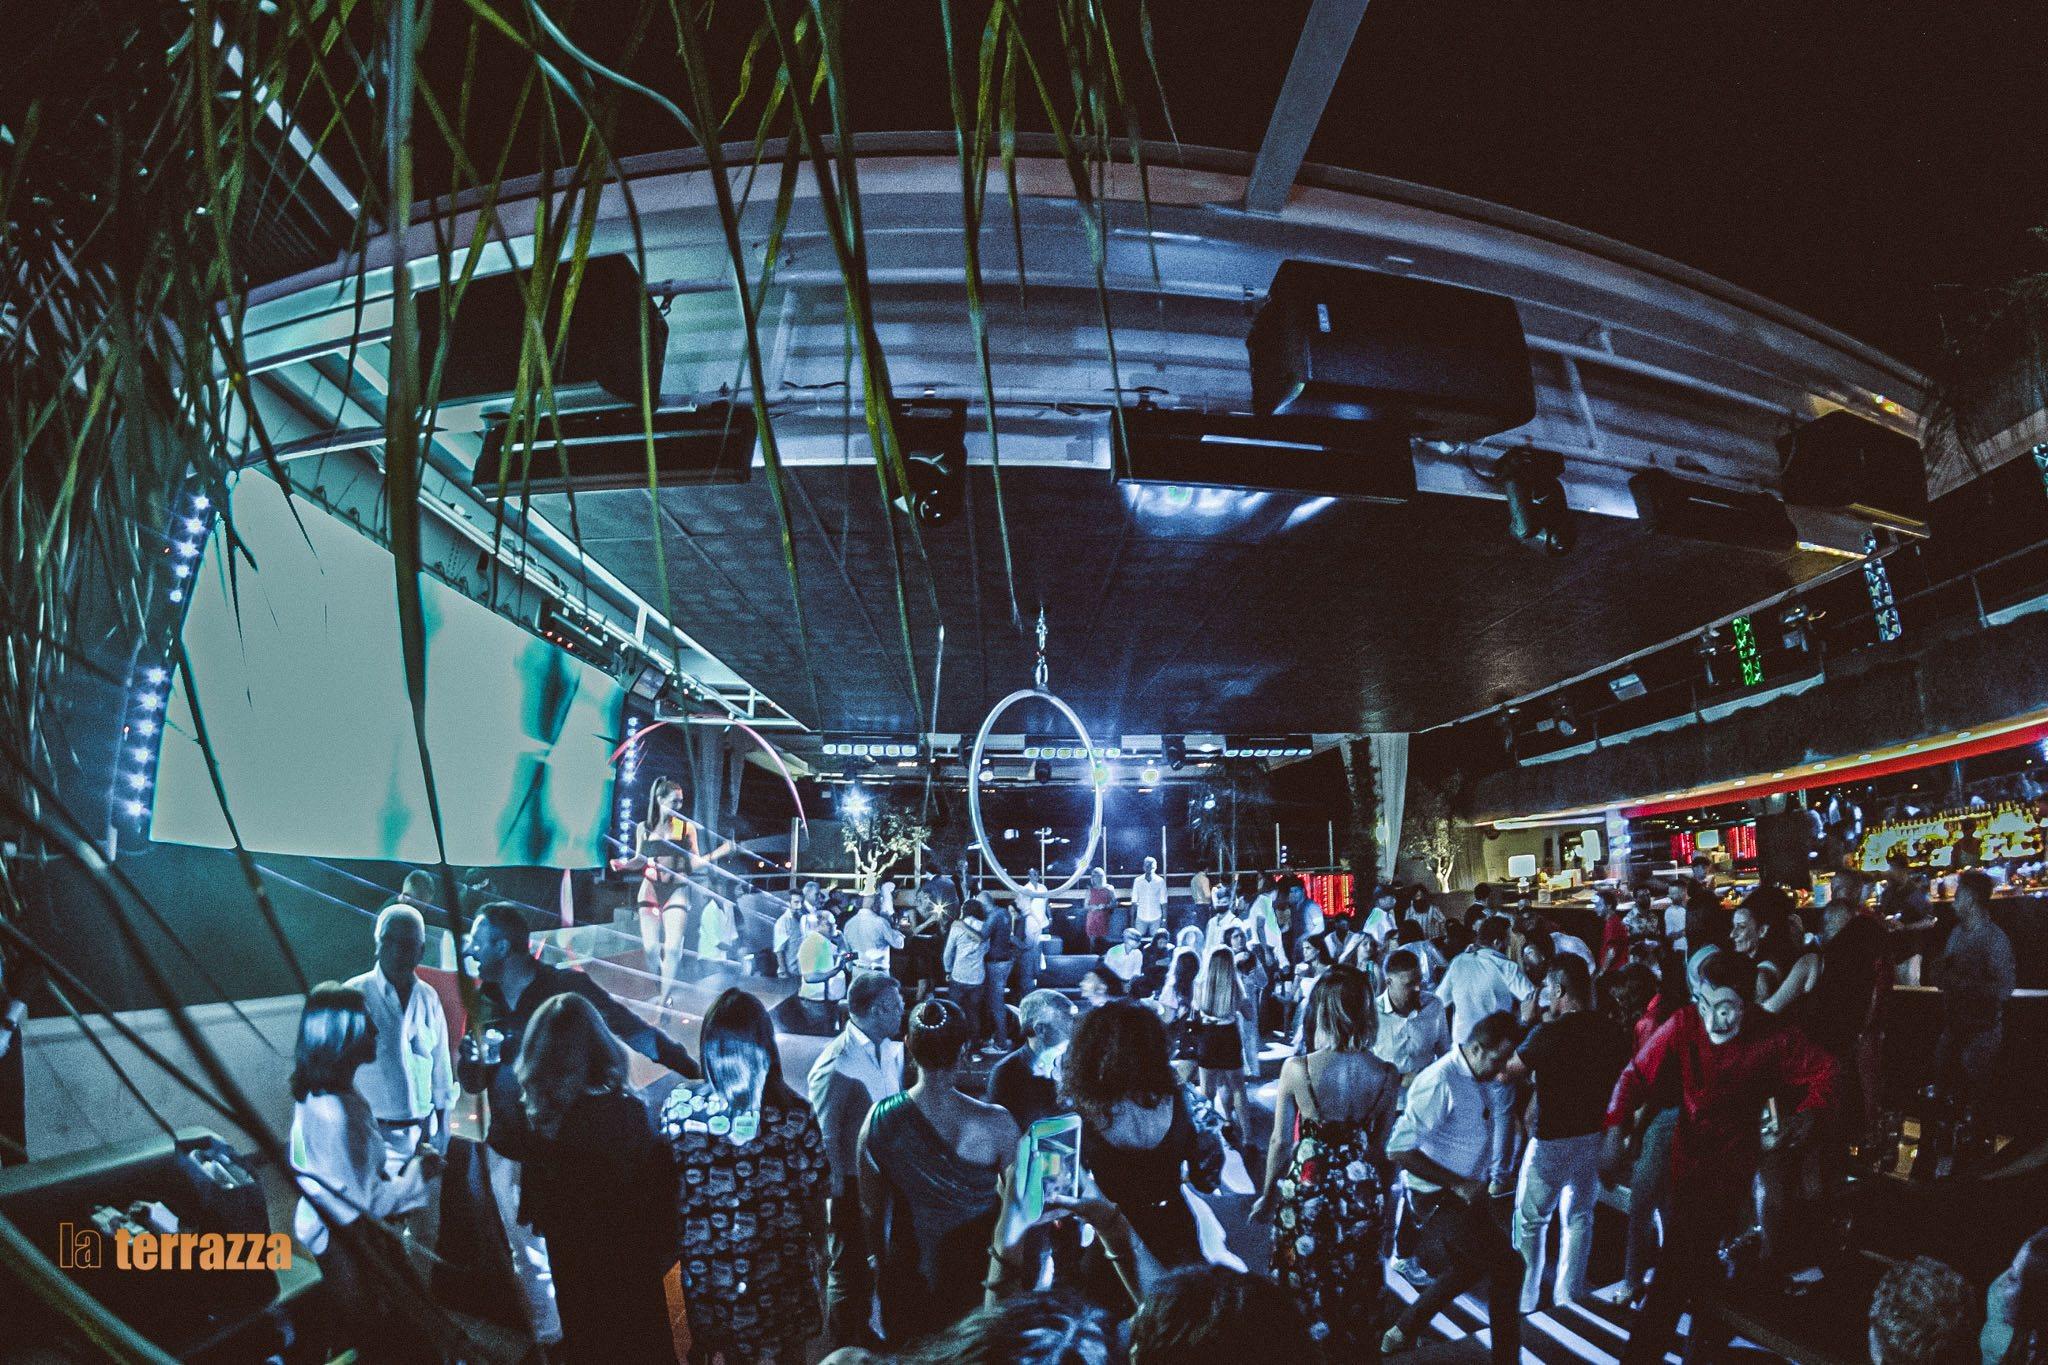 Red Passion alla Discoteca La Terrazza di San Benedetto Del Tronto